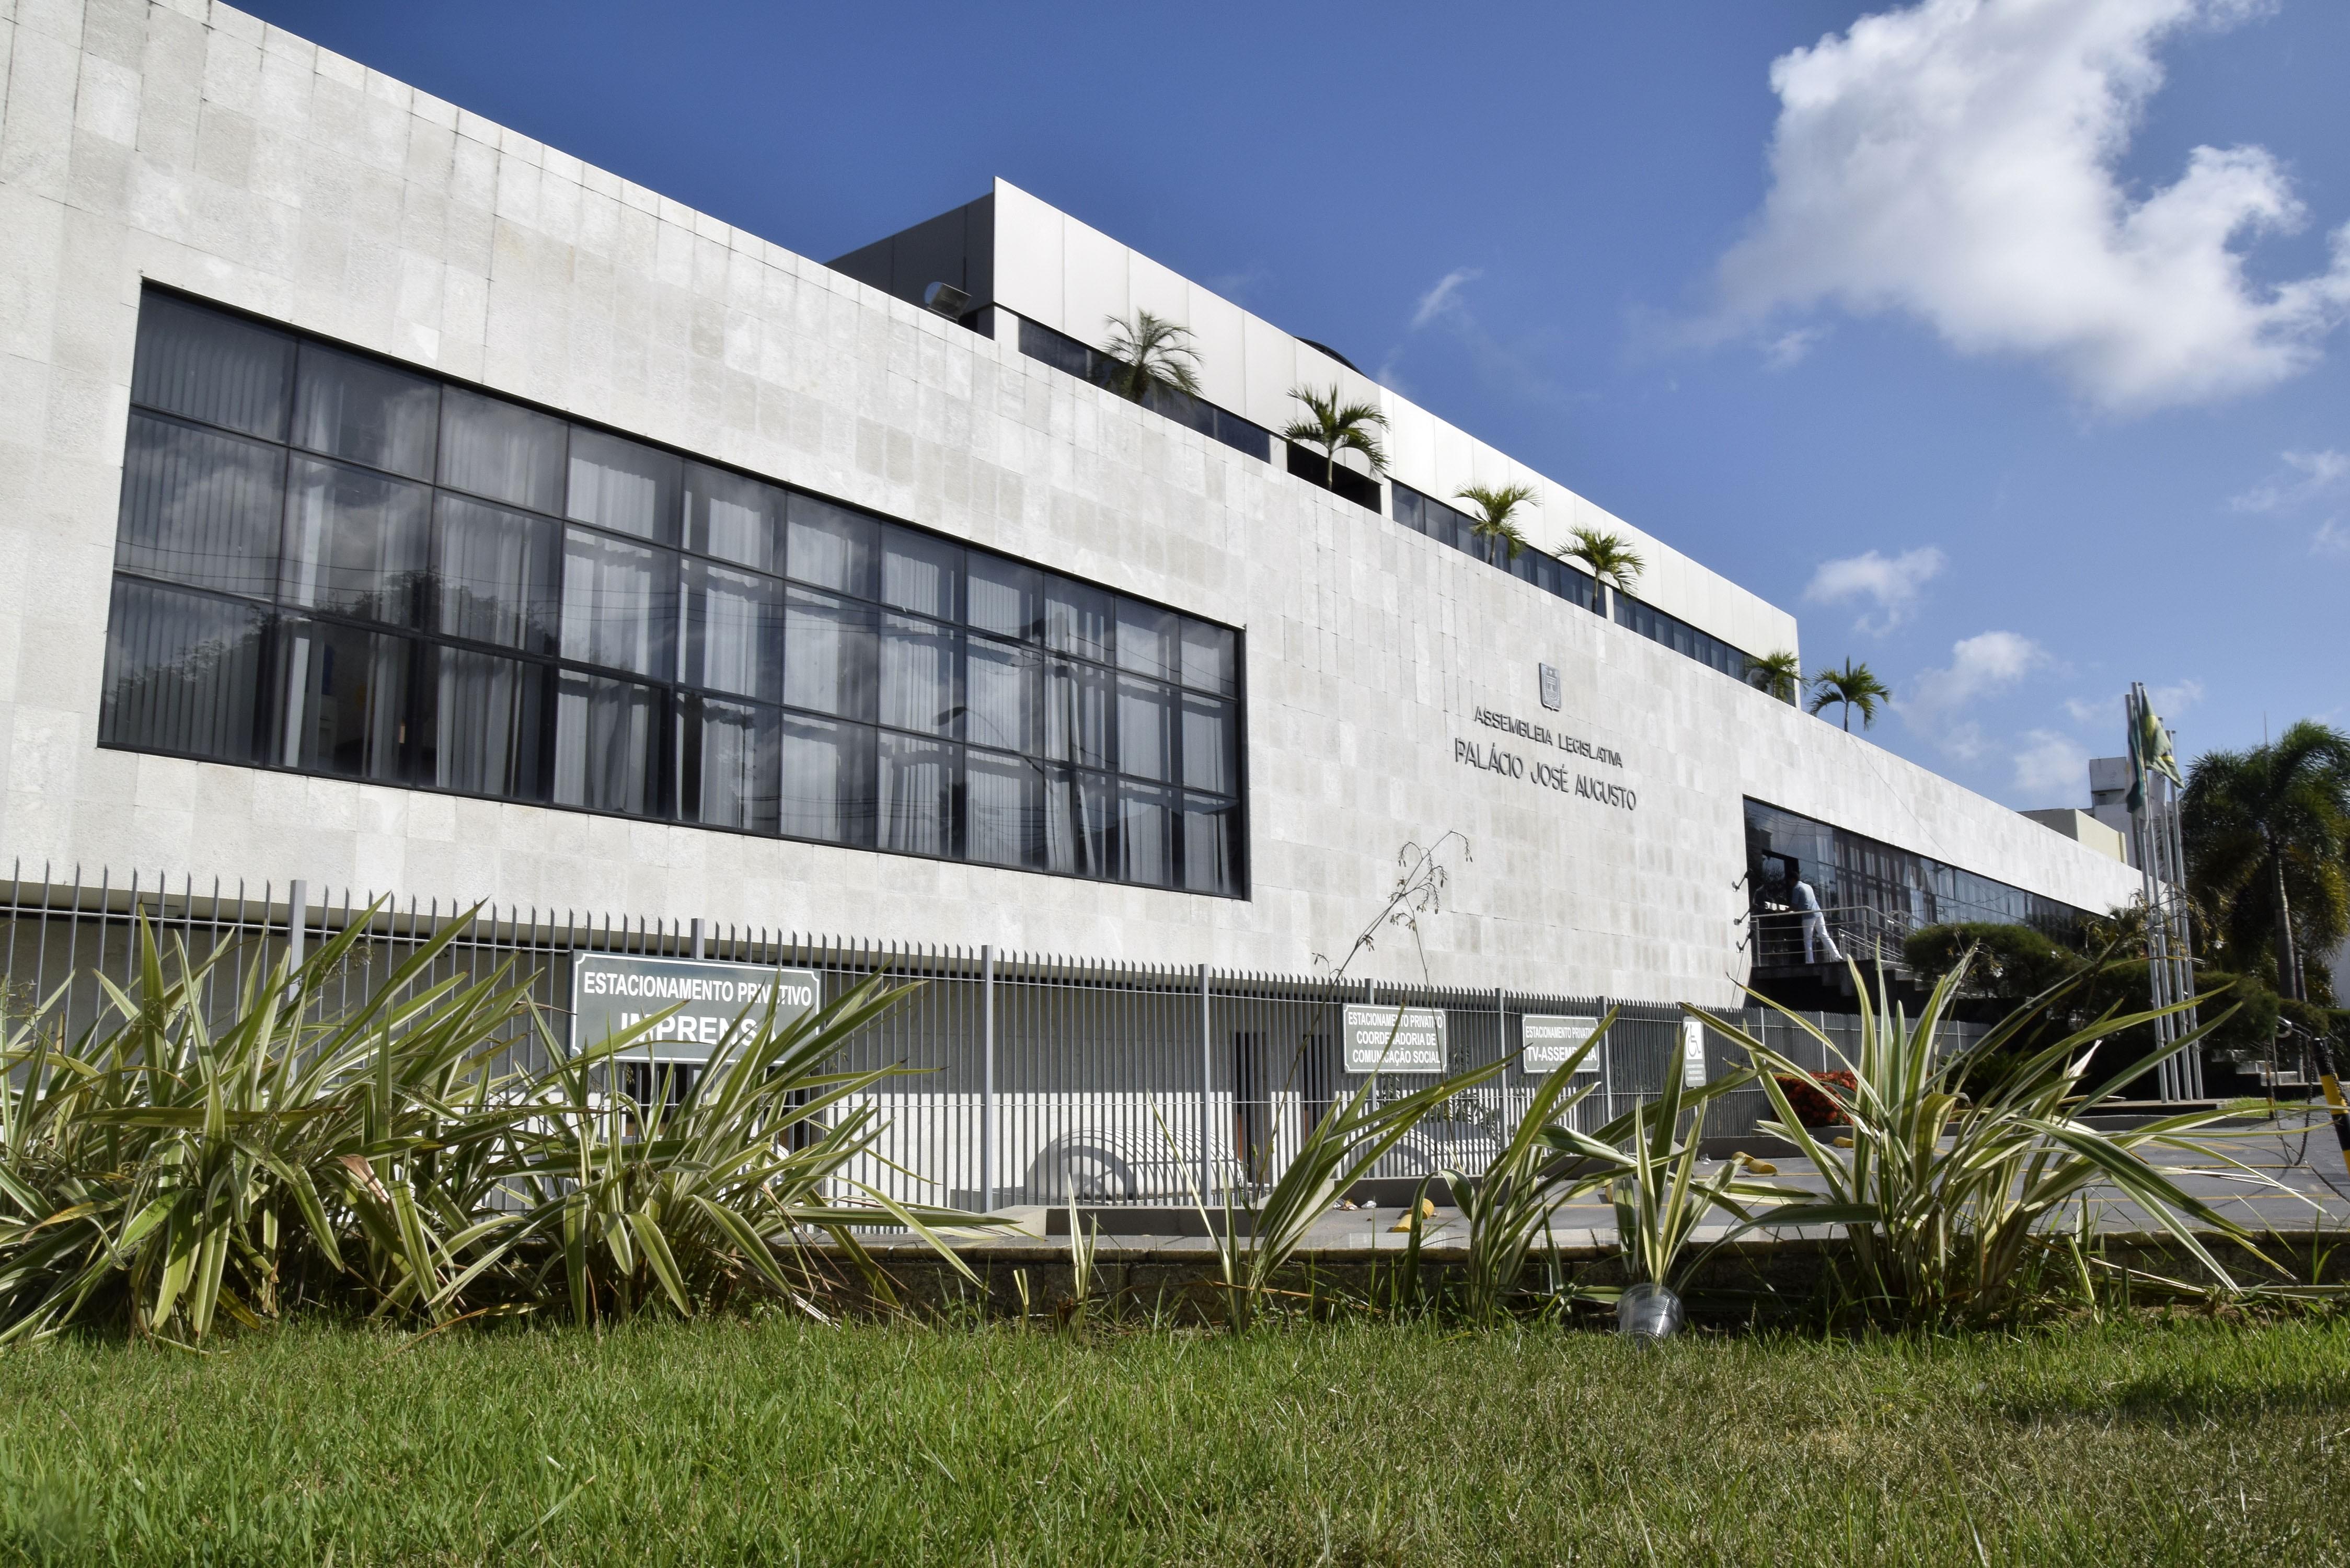 Assembleia Legislativa do RN e Câmara Municipal de Natal prorrogam suspensão de atividades presenciais